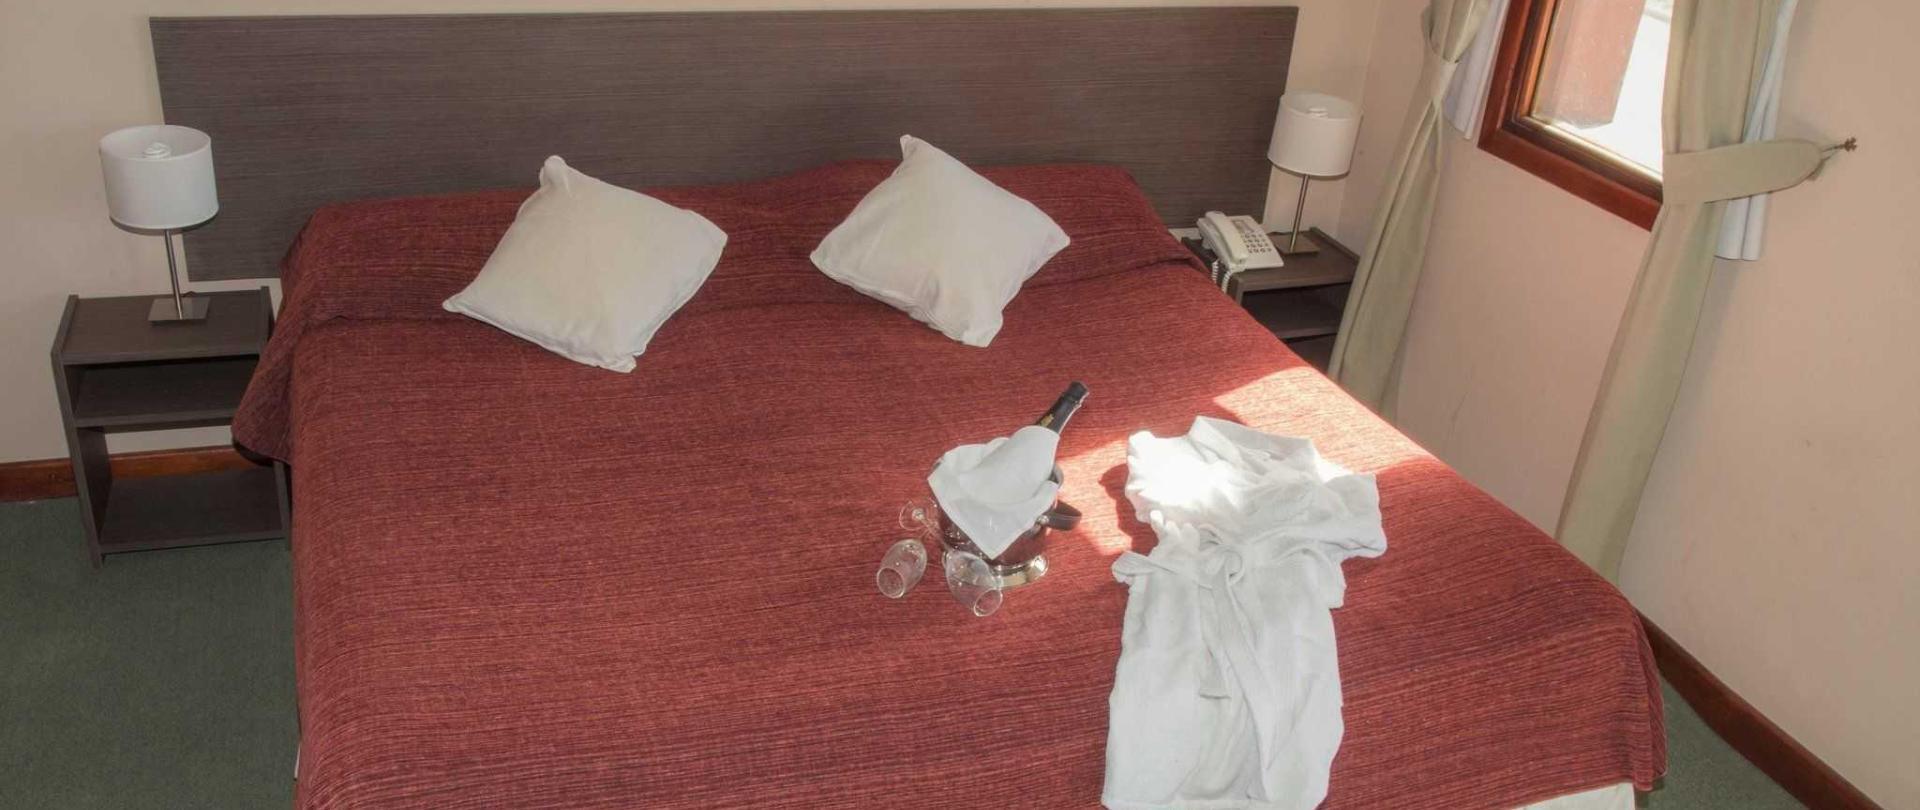 habitaci-n-cu-druple-002-1.jpg